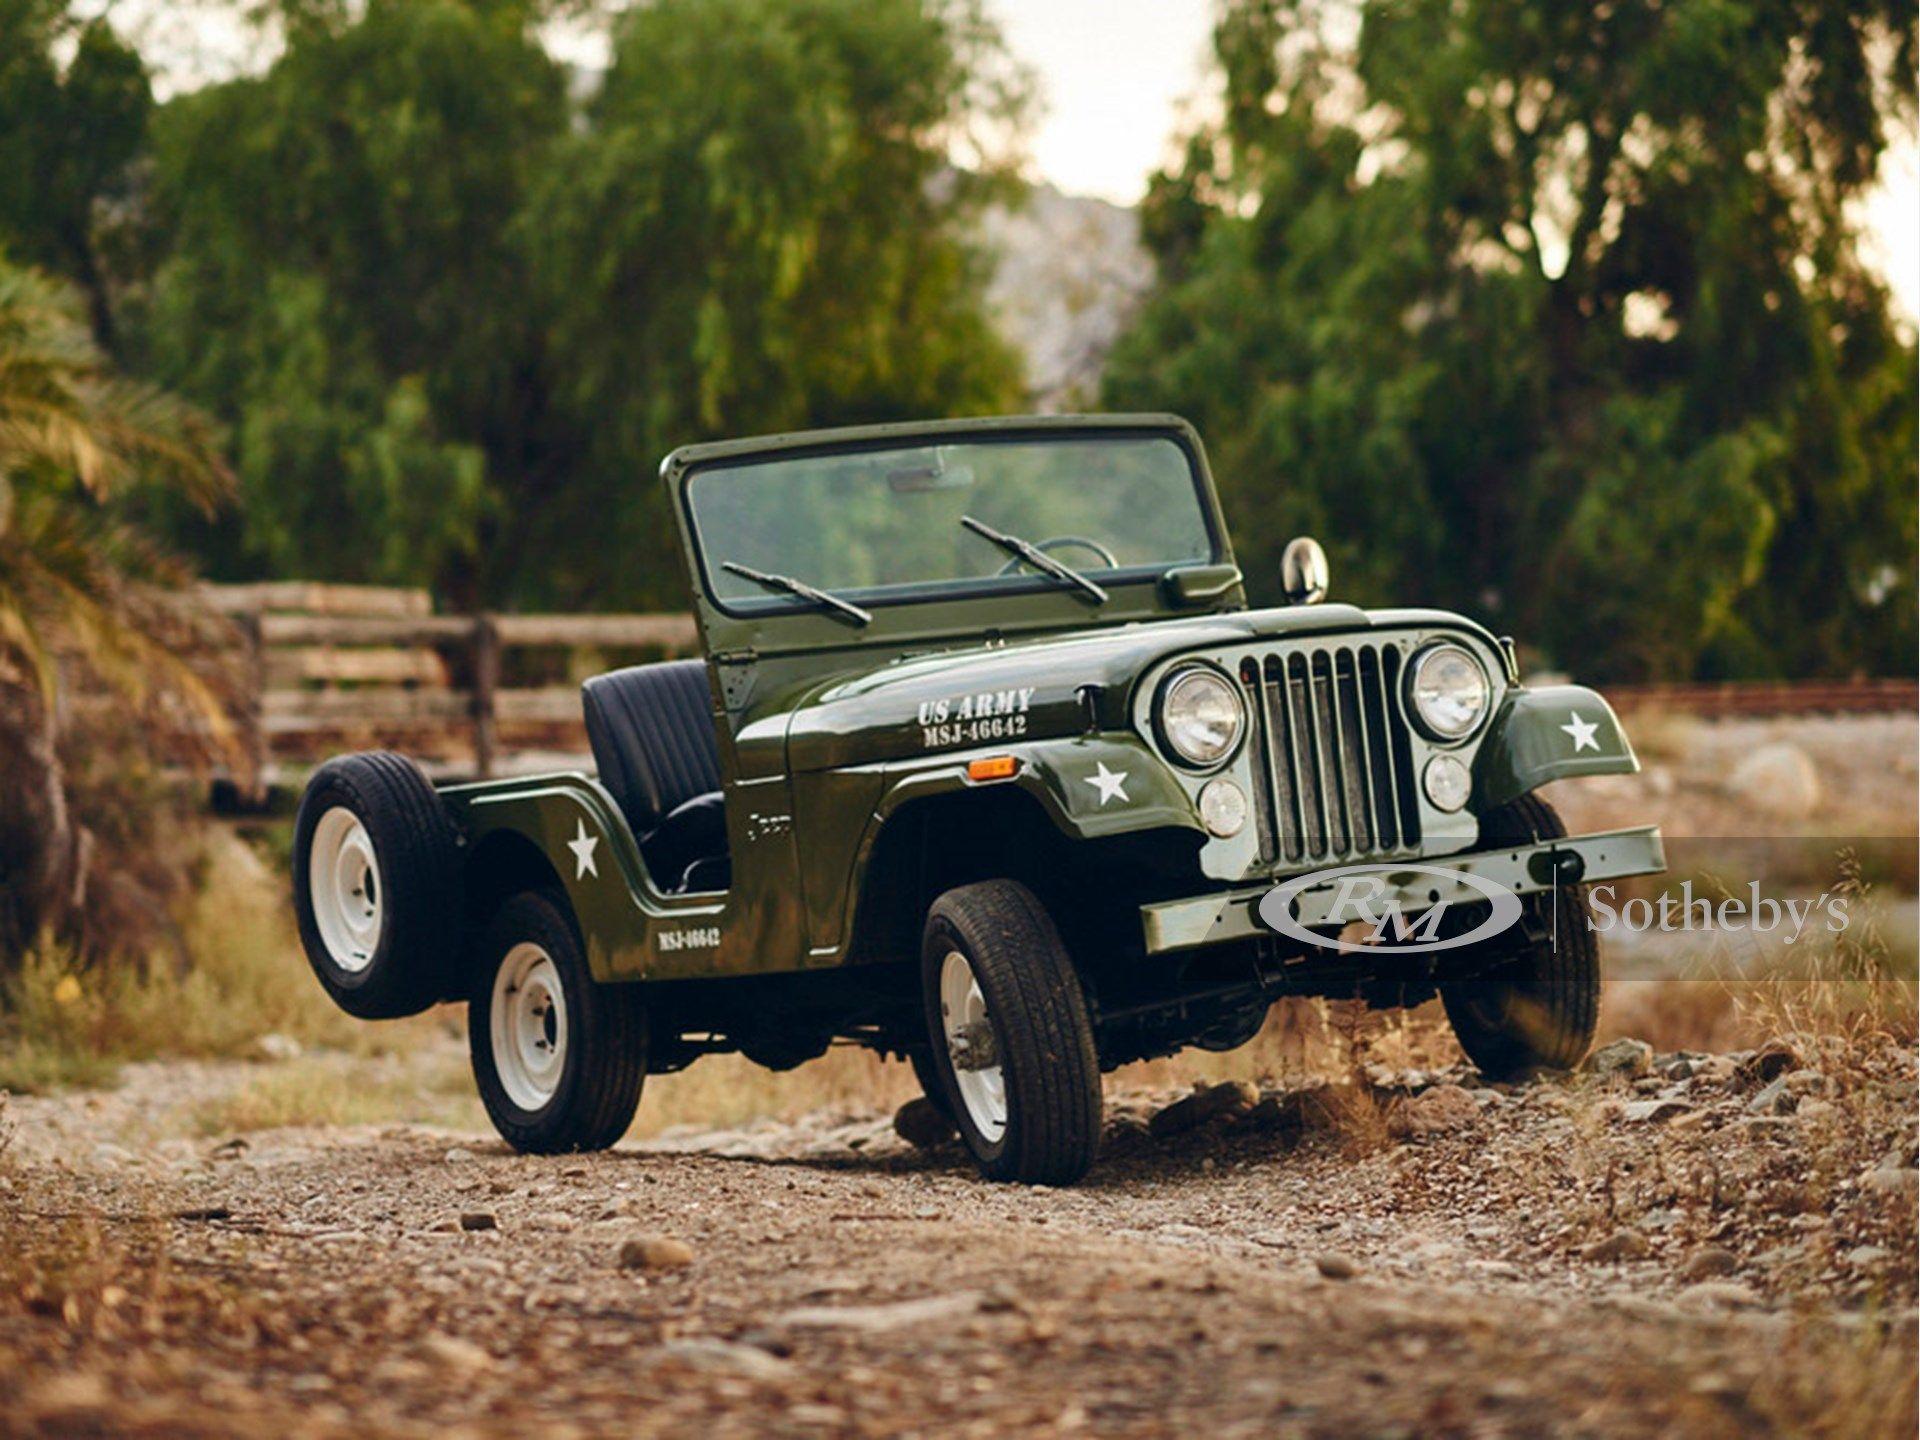 1973 Jeep CJ-5 4×4 Utility